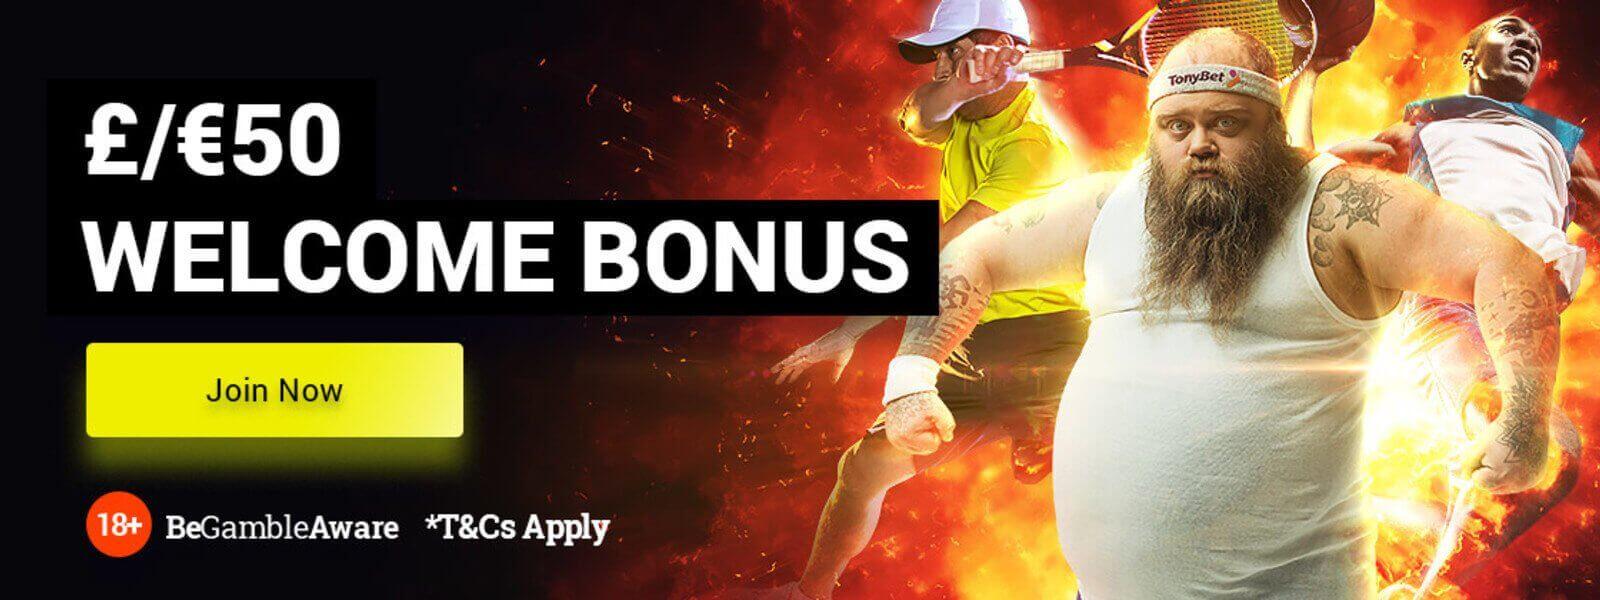 Tonybet welcome bonus